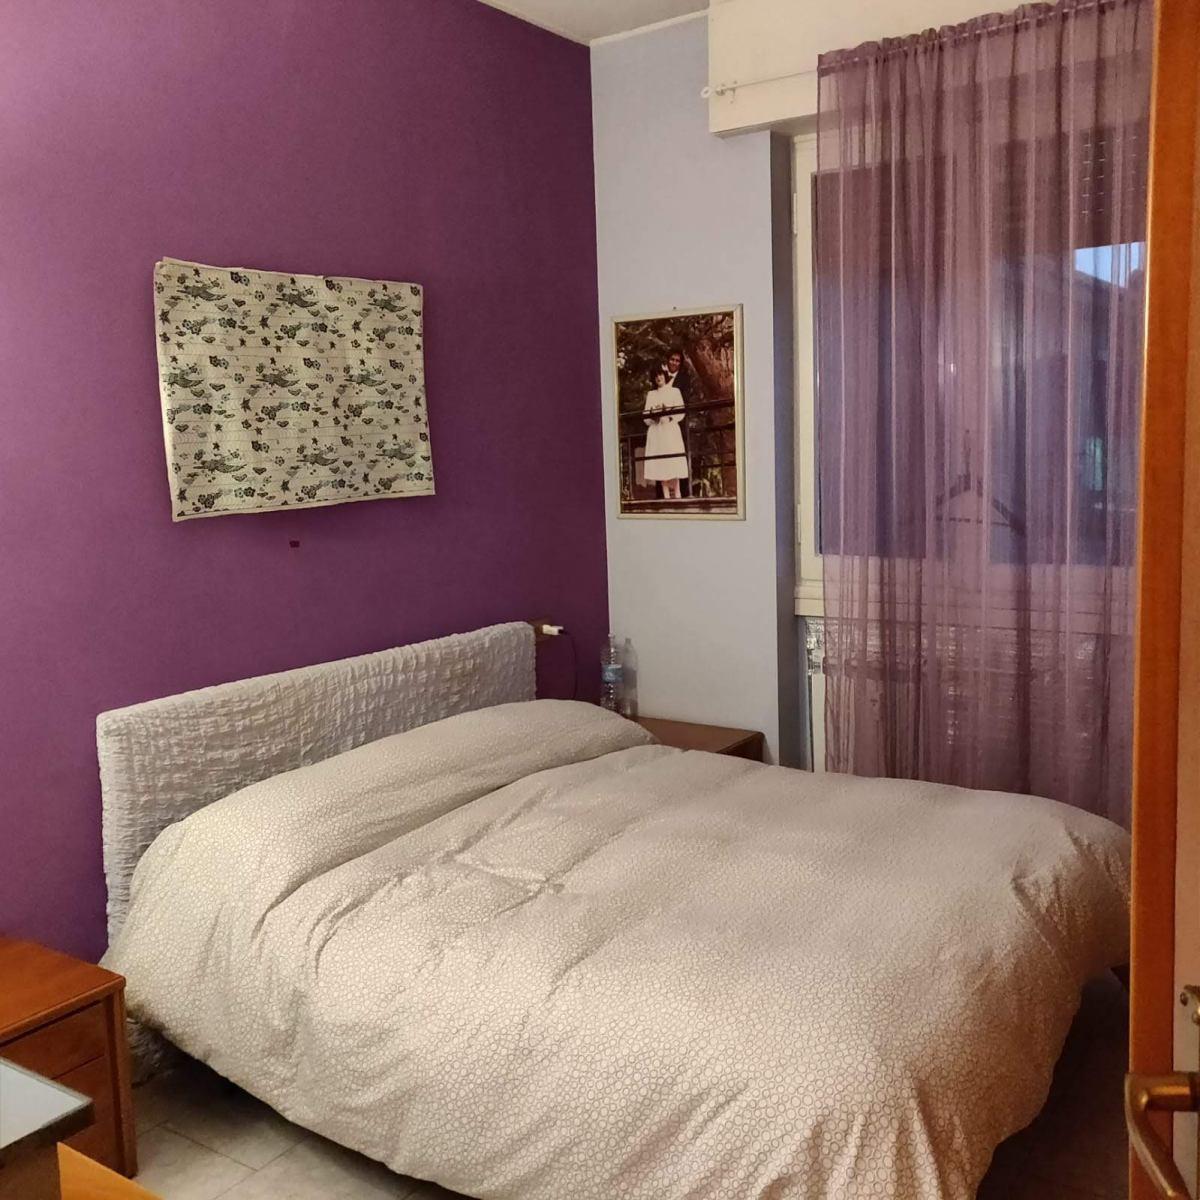 appartamento-in-vendita-milano-quinto-romano-via-novara-2-locali-bilocale-spaziourbano-immobiliare-vende-7